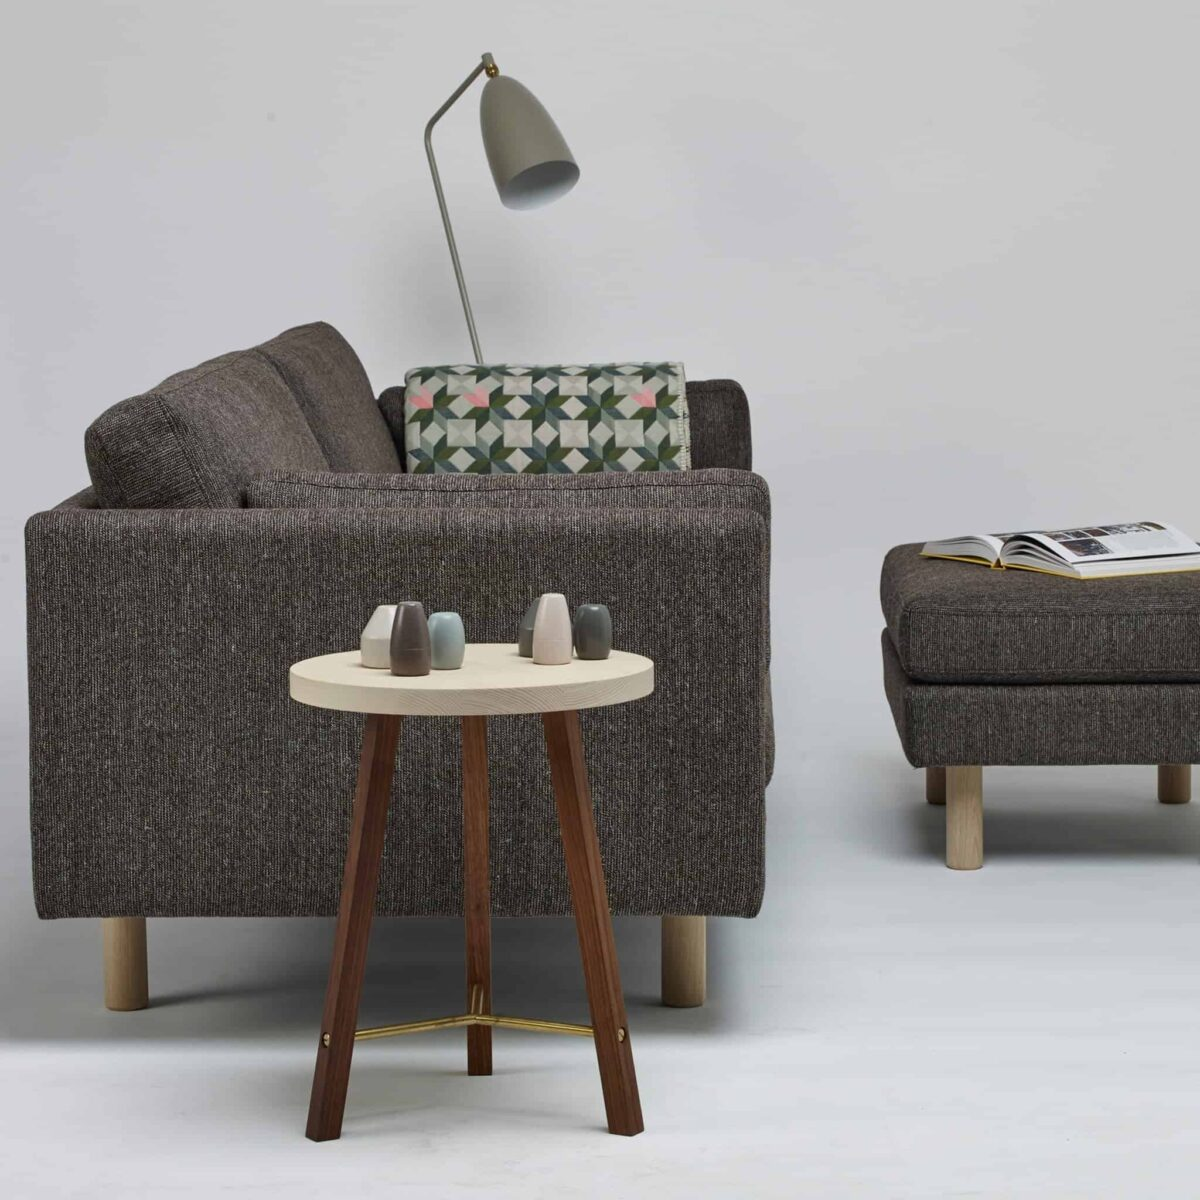 SL88-soren-lund-danish-sofa-003